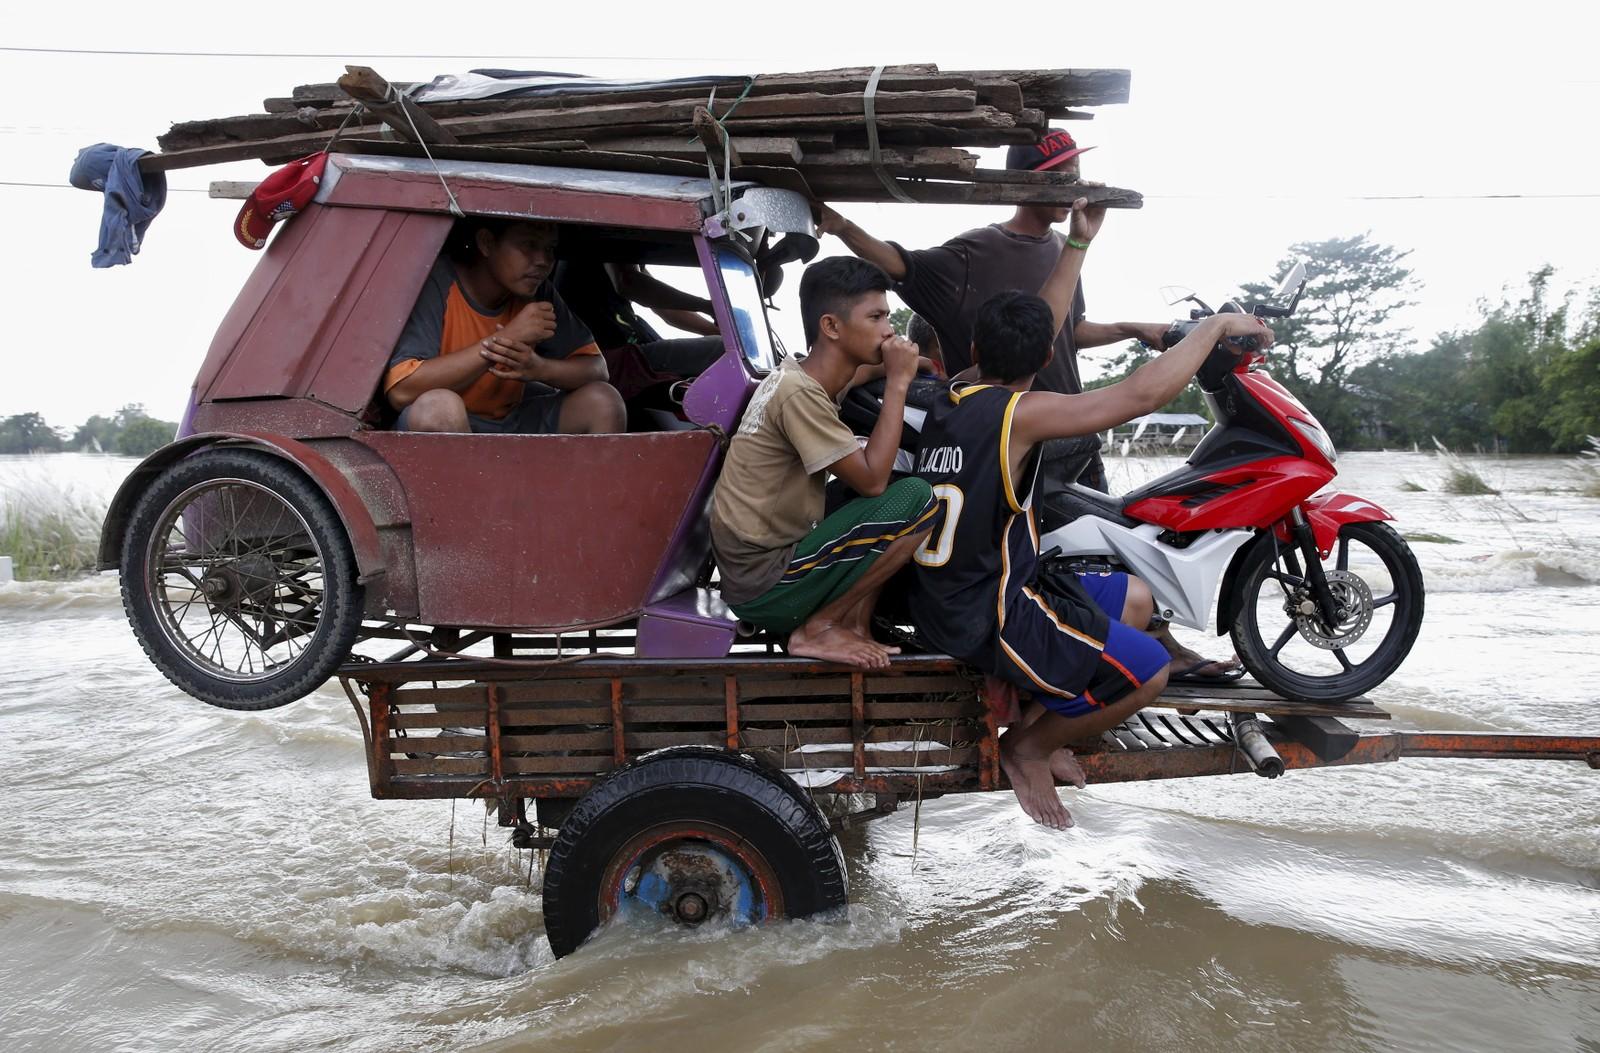 Unge fillippinere blir fraktet ut fra tyfon- og flomrammede Zaragoza på en henger bak en traktor.